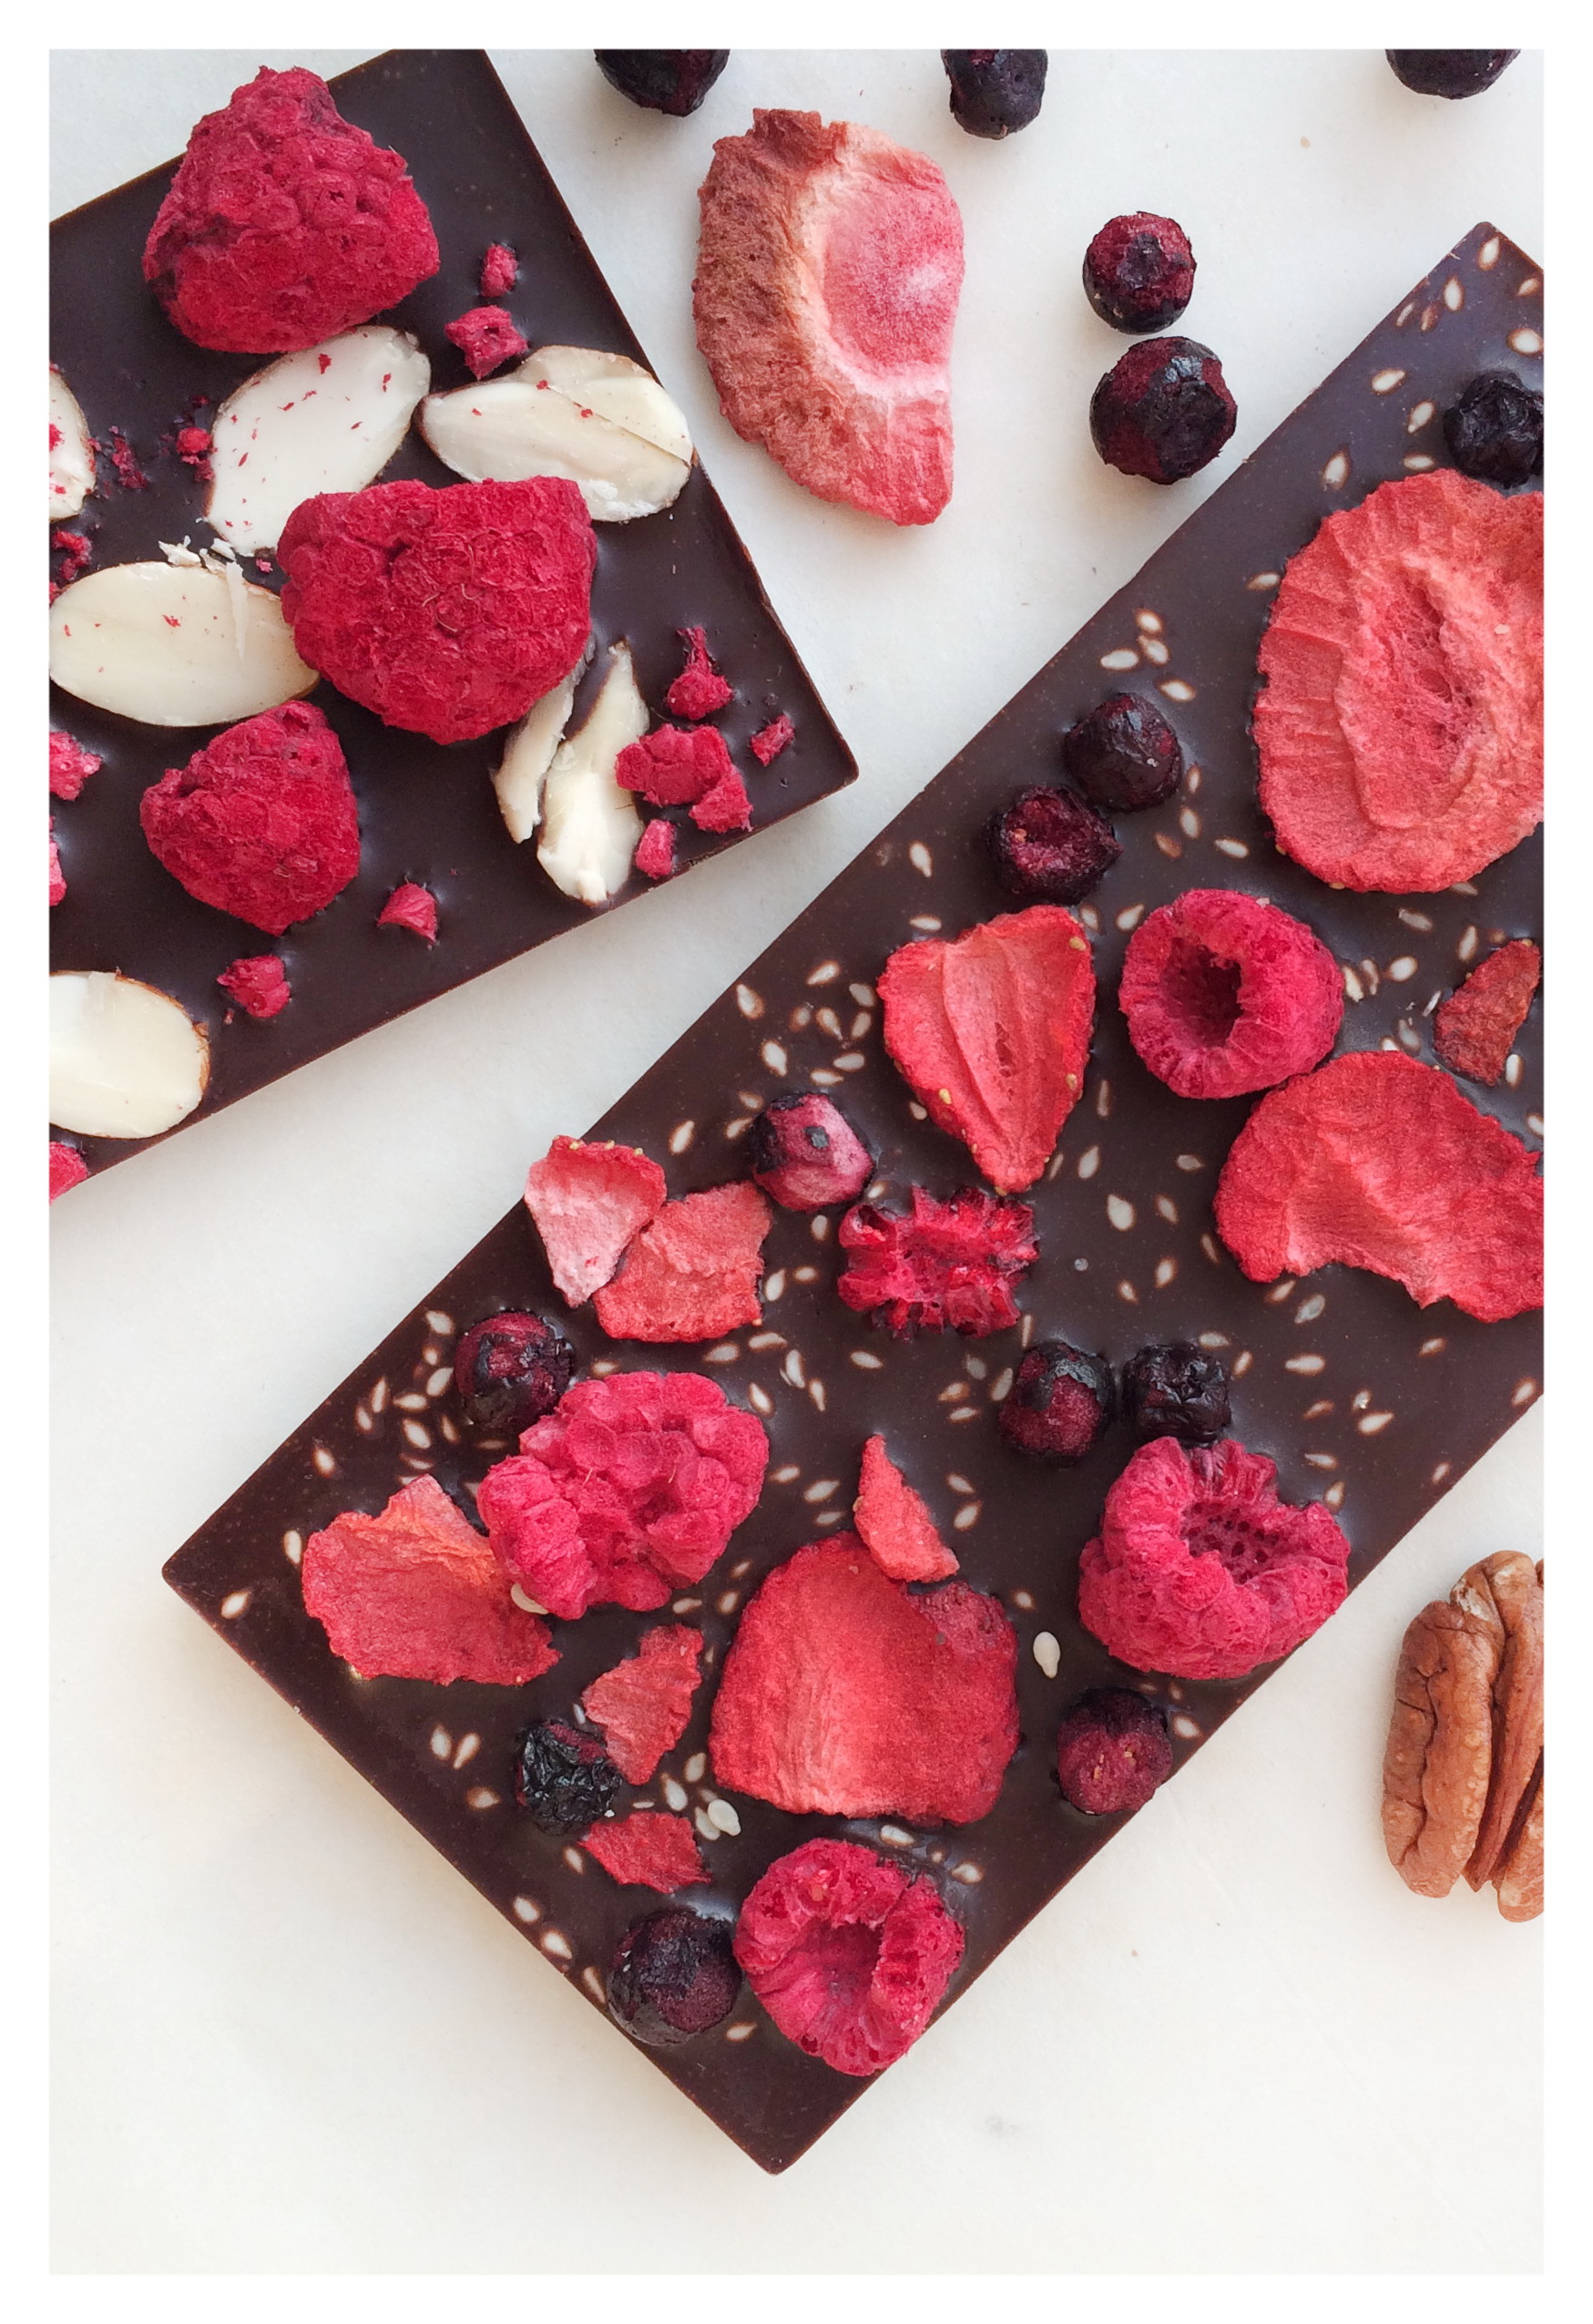 Шоколад с сублимированными ягодами малины клубники и черники